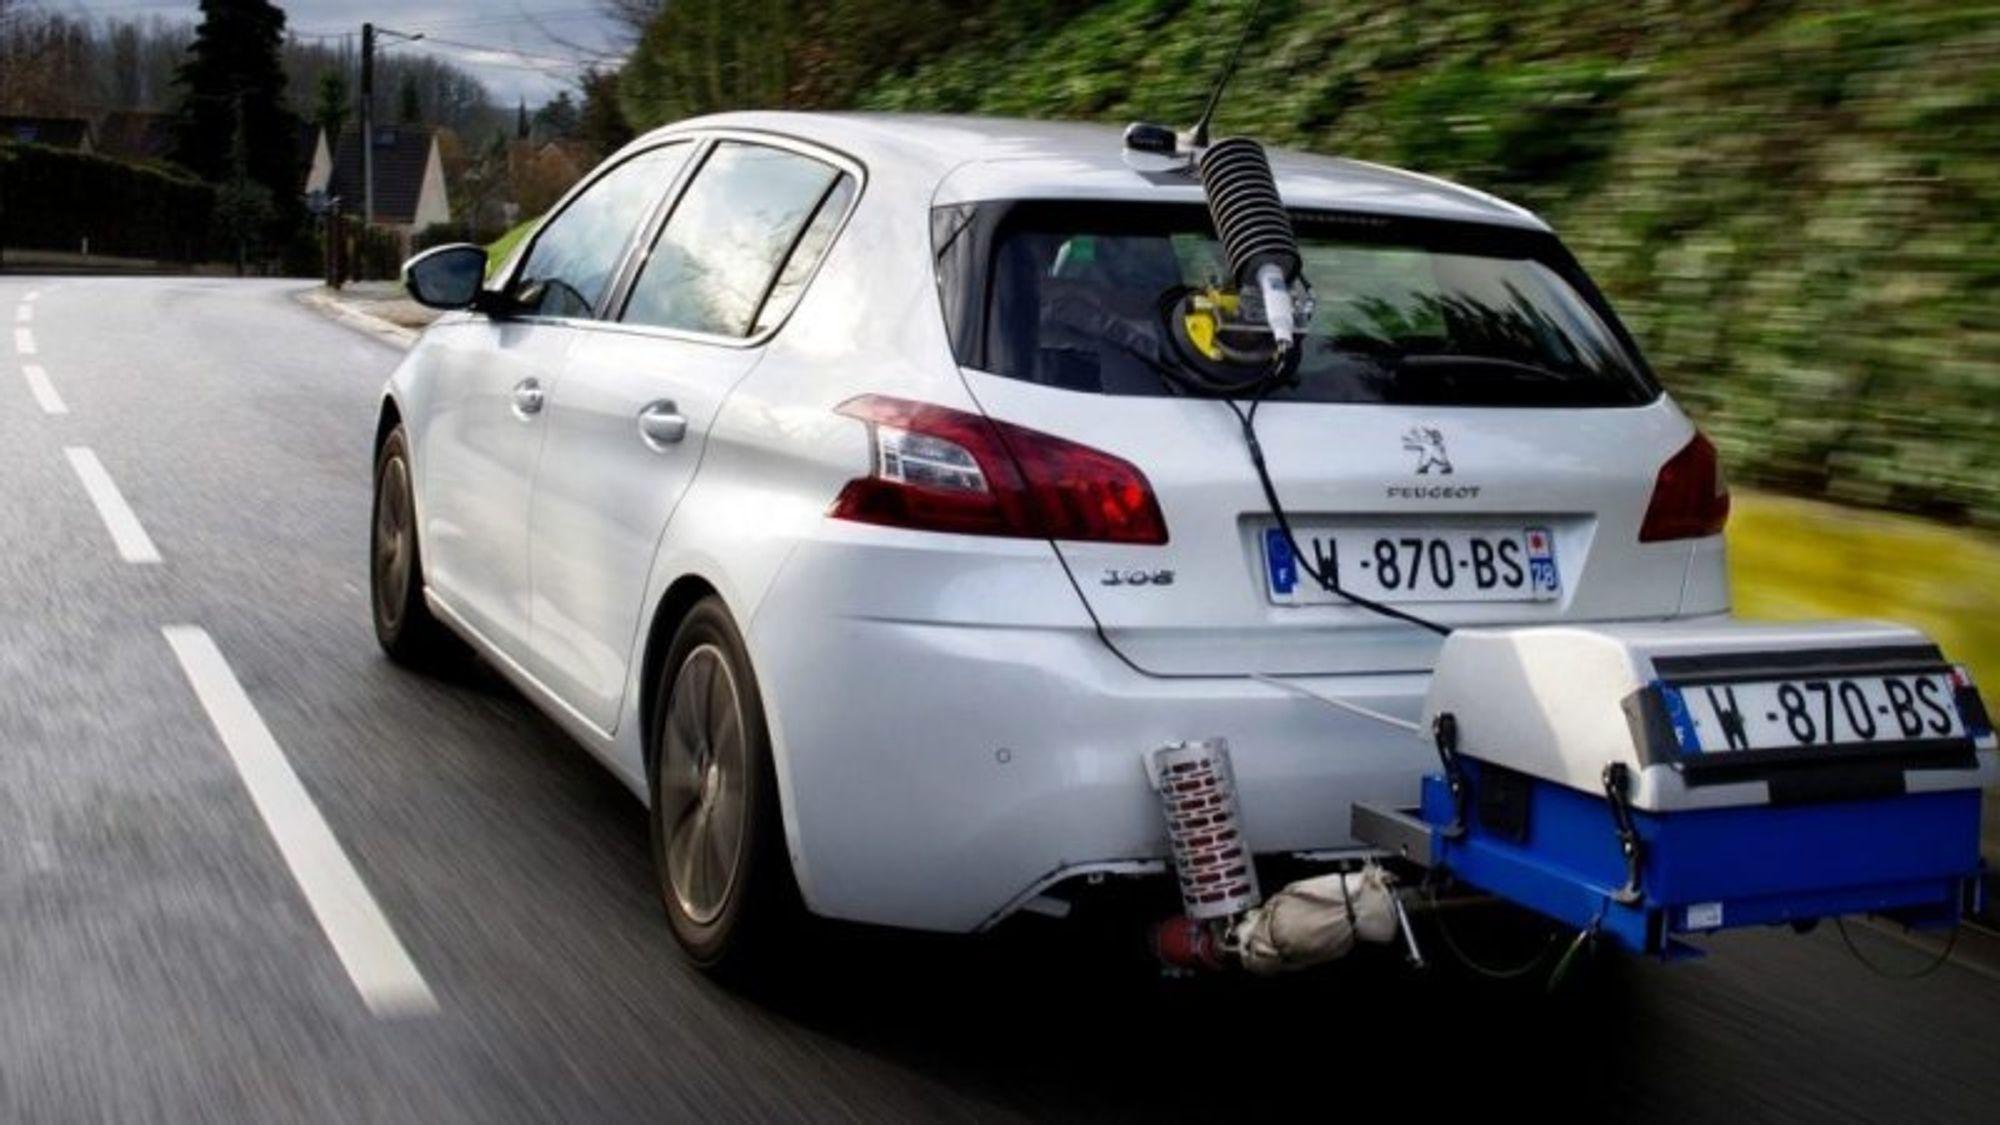 Citroën, DS og Peugeot har nå gjort alle dataene tilgjengelige på nettsidene sine i en rekke europeiske land. Her kan alle nå gå inn og se de realistiske forbrukstallene for sin egen bil. Etter hvert vil dataene bli gjort tilgjengelige i alle europeiske land.